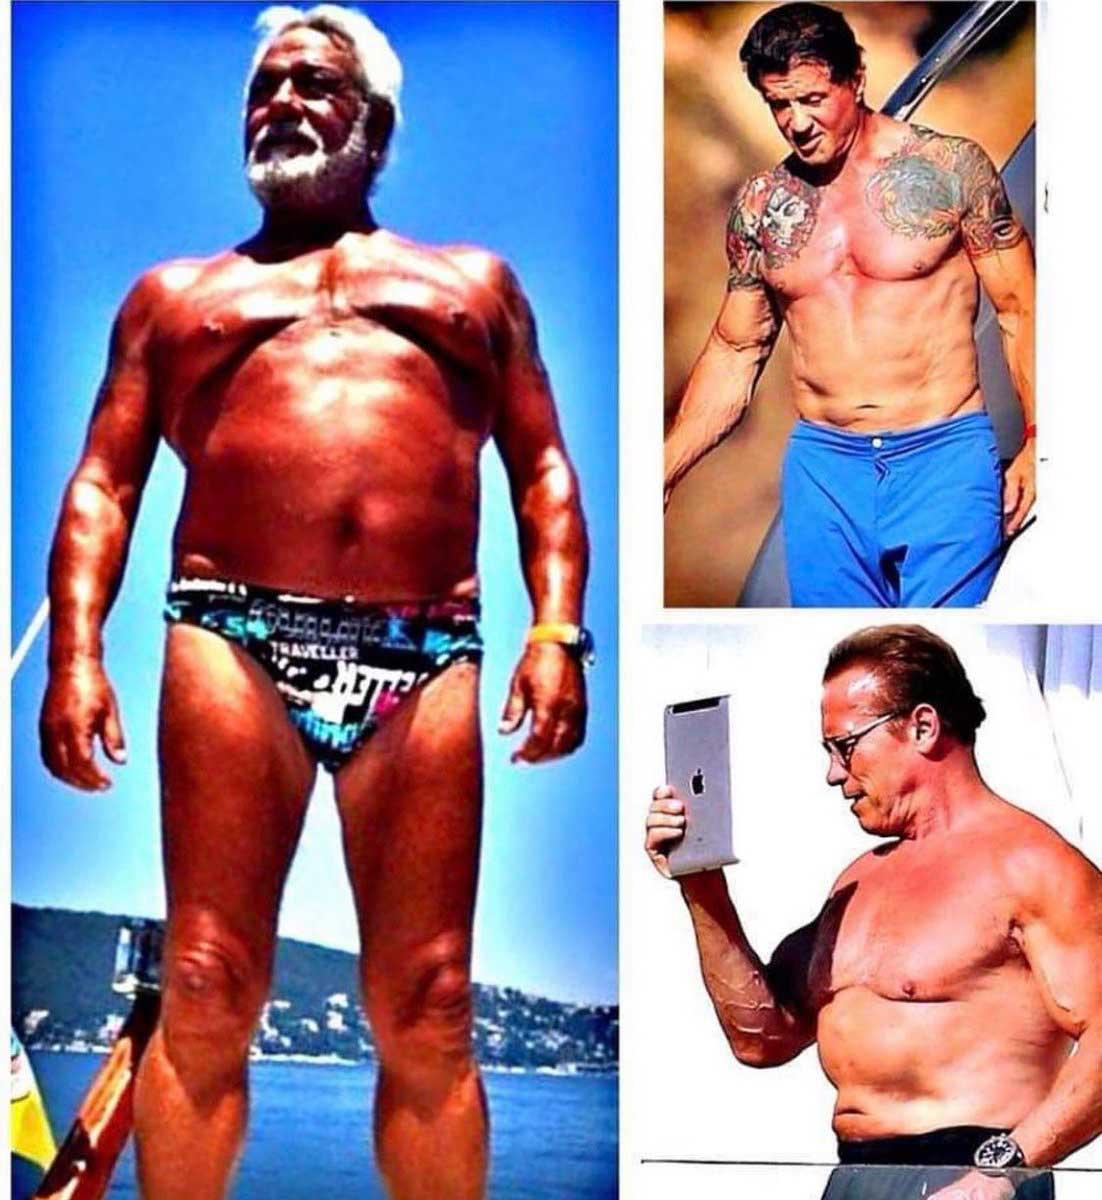 """Fedon, 2 eski Hollywood yıldızıyla kendi vücudunu paylaştı: """"Şimdiki gençlere taş çıkartırız"""""""